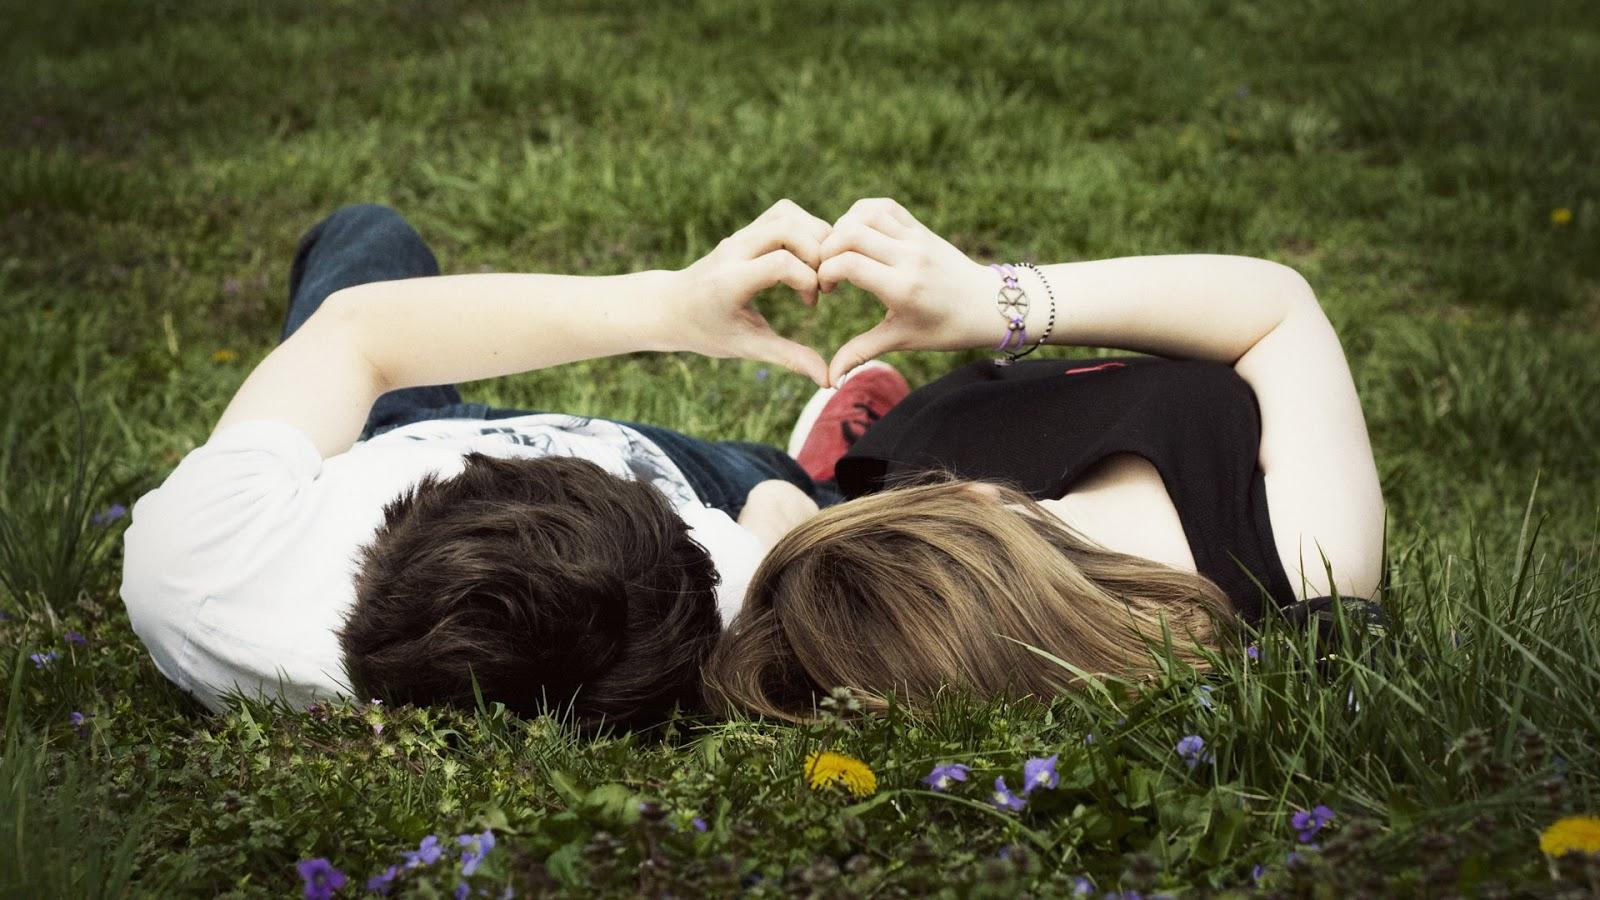 Bom sexo e um casamento maravilhoso e forte